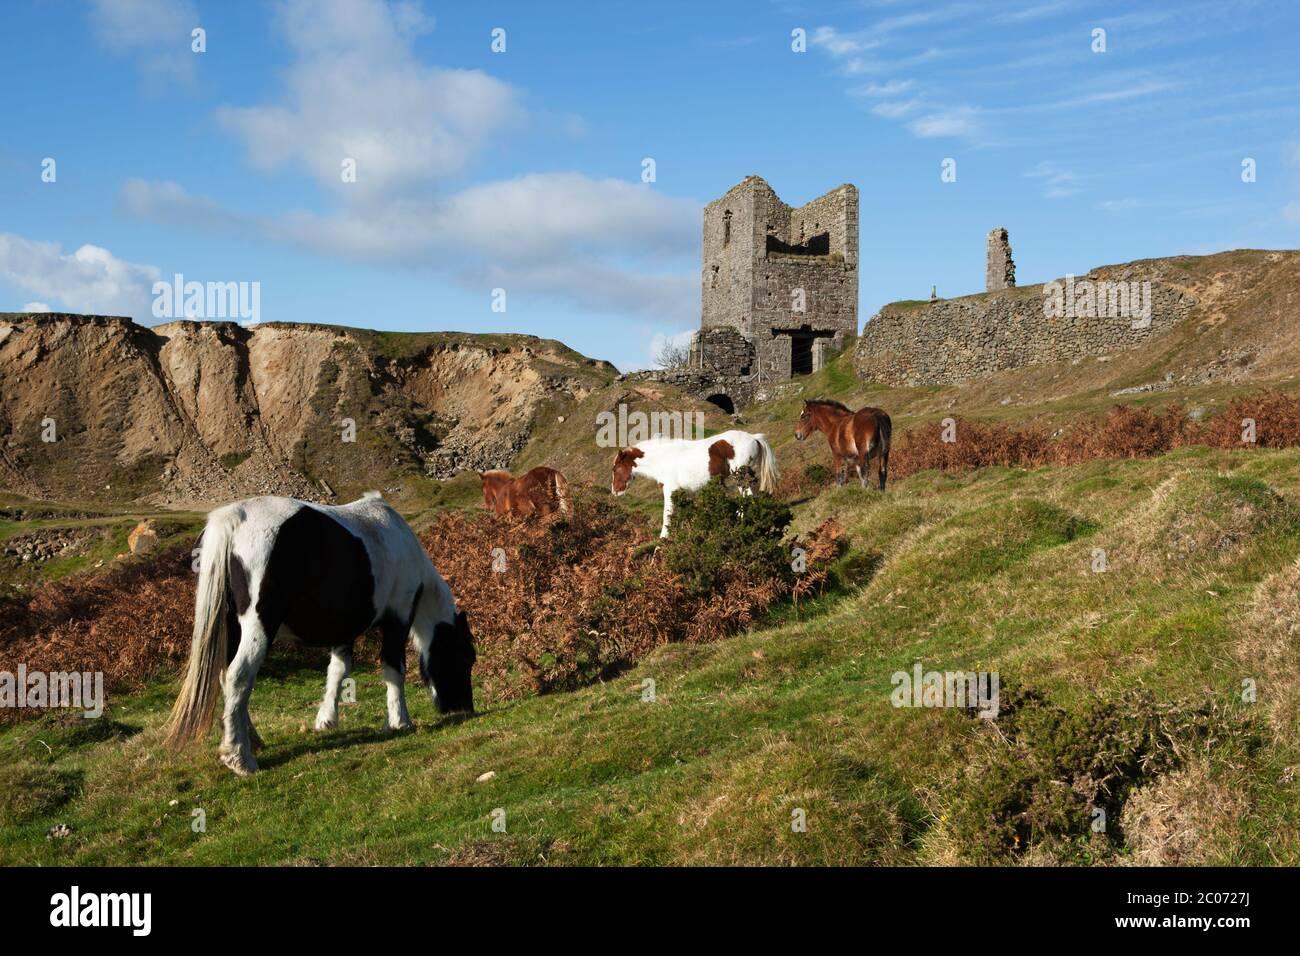 Caradon Hill et ruines d'une ancienne mine de cuivre avec poneys sauvages, Bodmin Moor, Cornwall, Angleterre, Royaume-Uni Banque D'Images